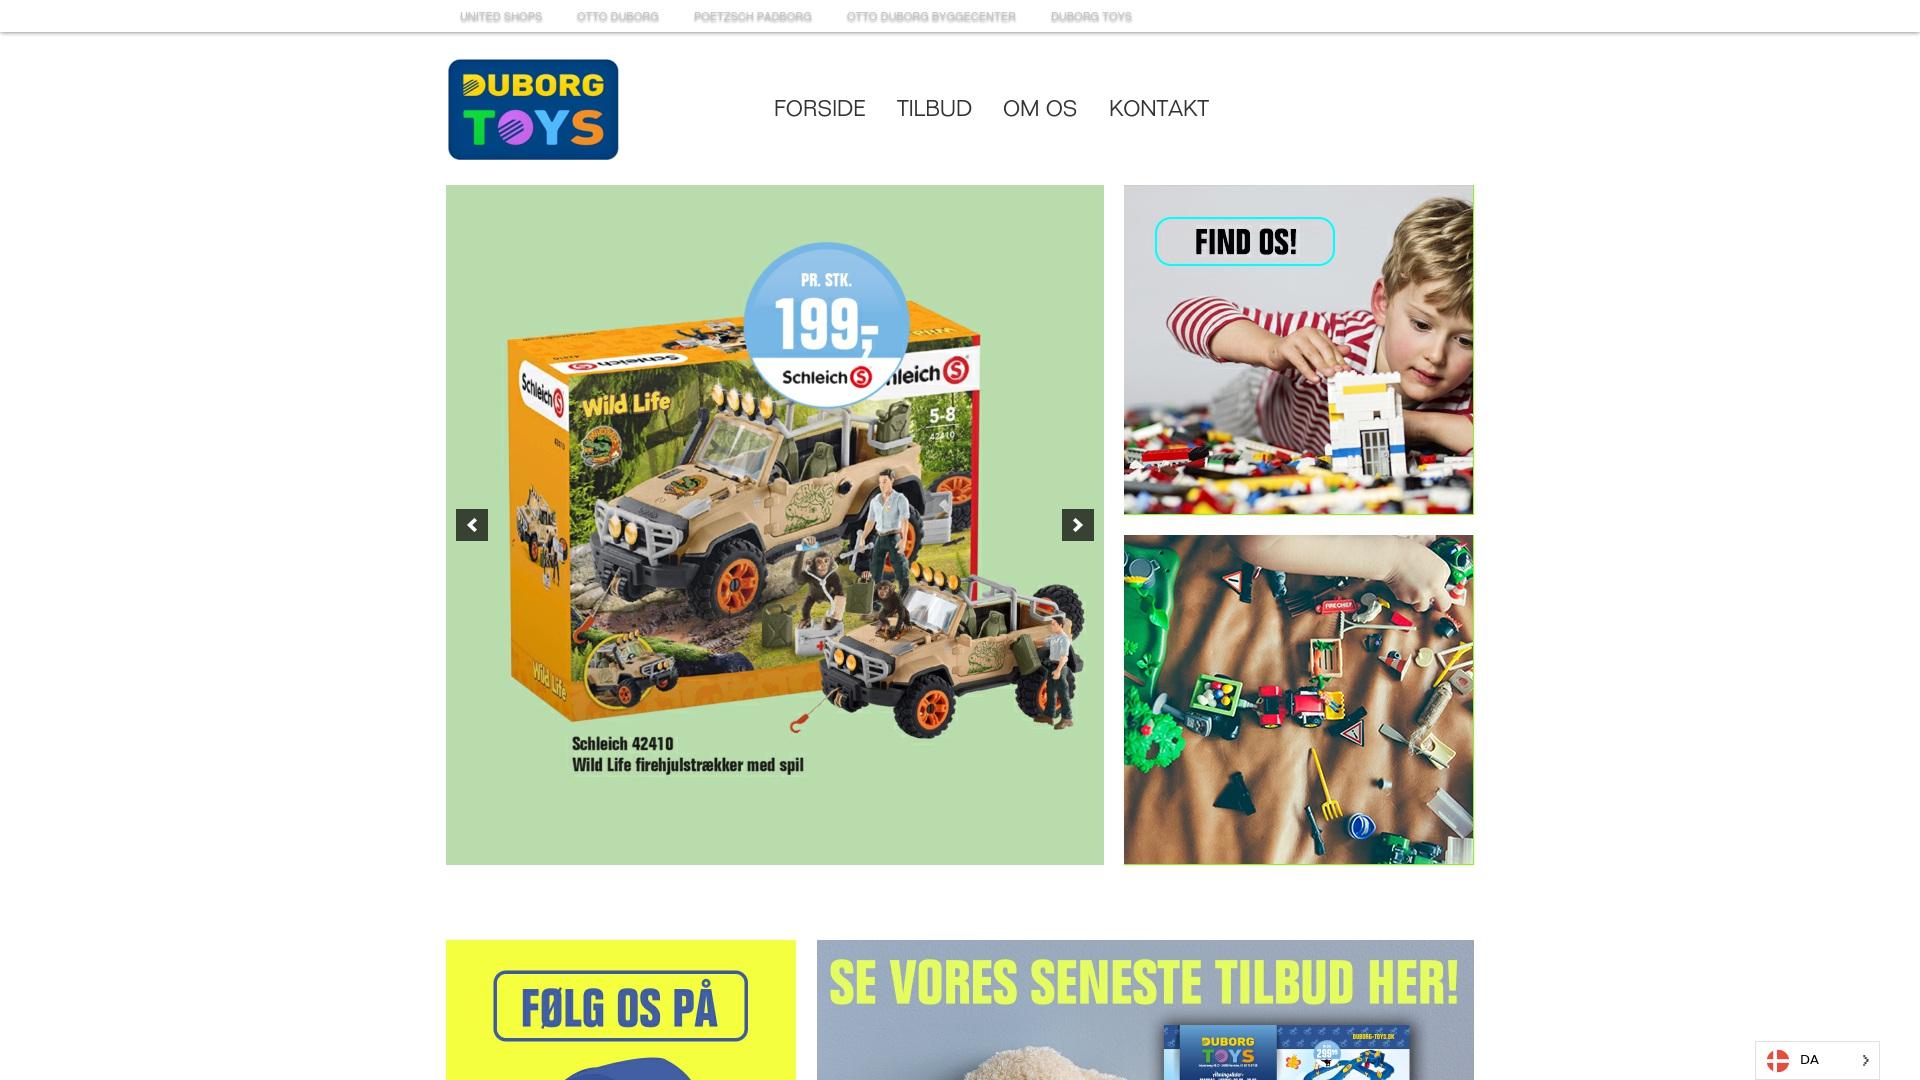 Gutschein für Duborg-toys: Rabatte für  Duborg-toys sichern